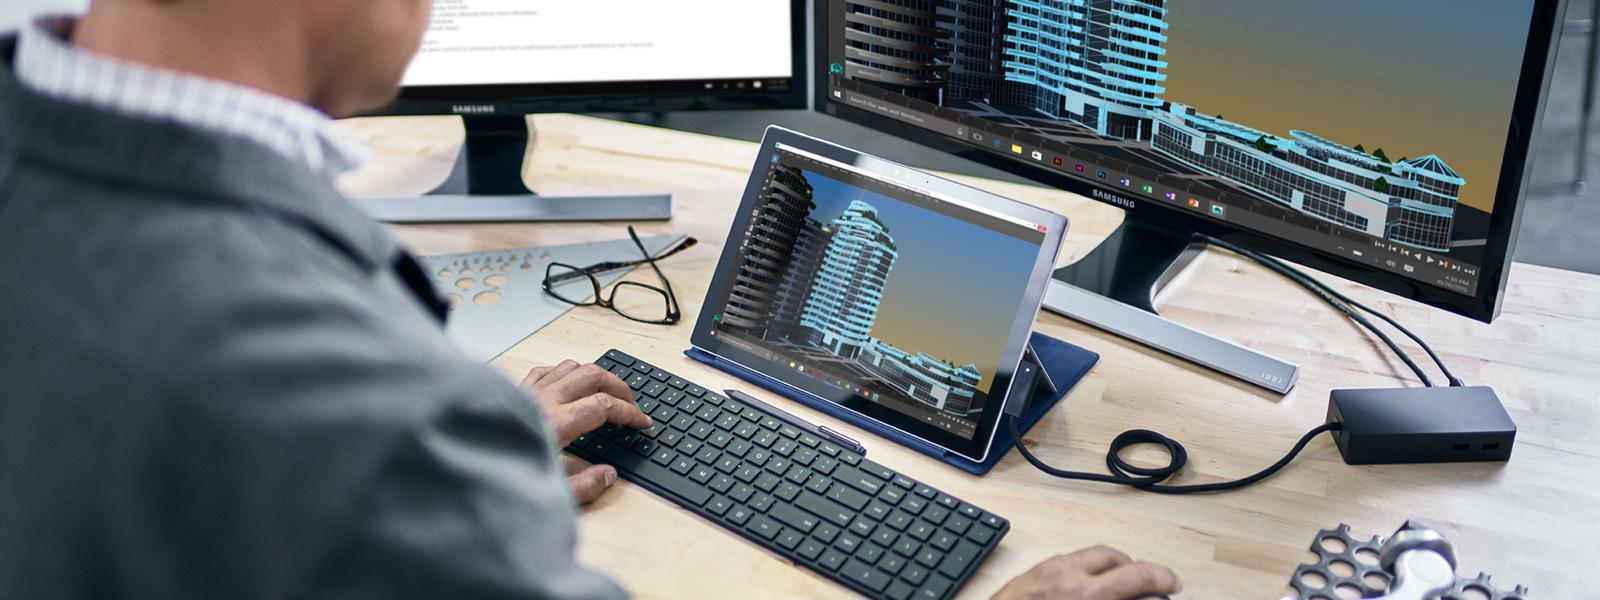 Surface Pro 4, monitor de gran tamaño y teclado sobre un escritorio.